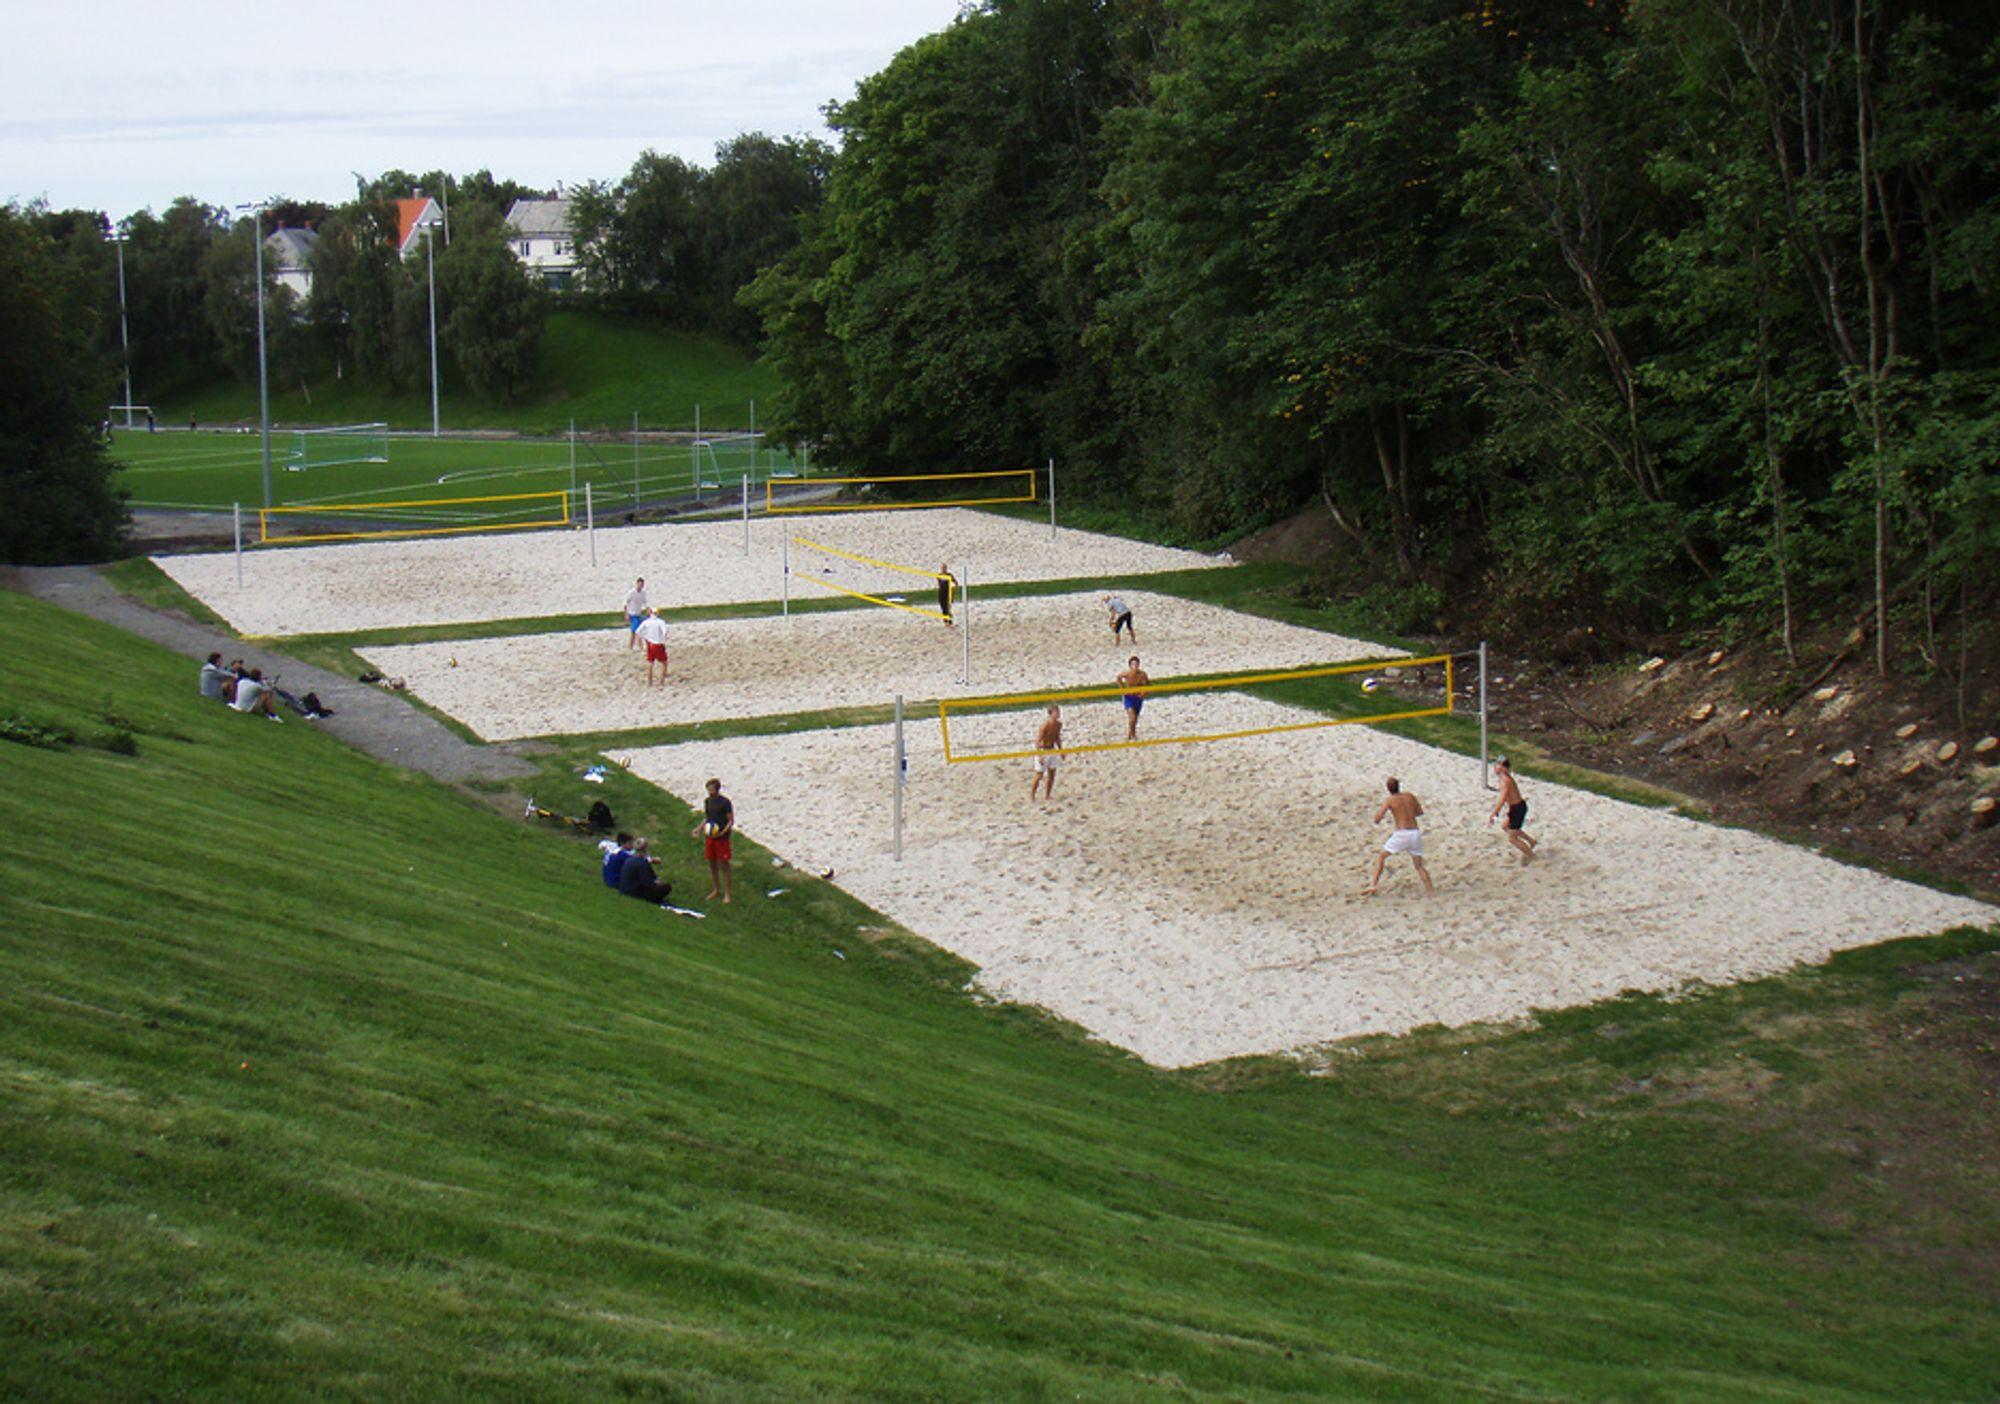 Noen har allerede tatt i bruk den nye idrettsparken i Høgskoledalen, også kjent som Dødens Dal. Offisiell åpning er i dag.